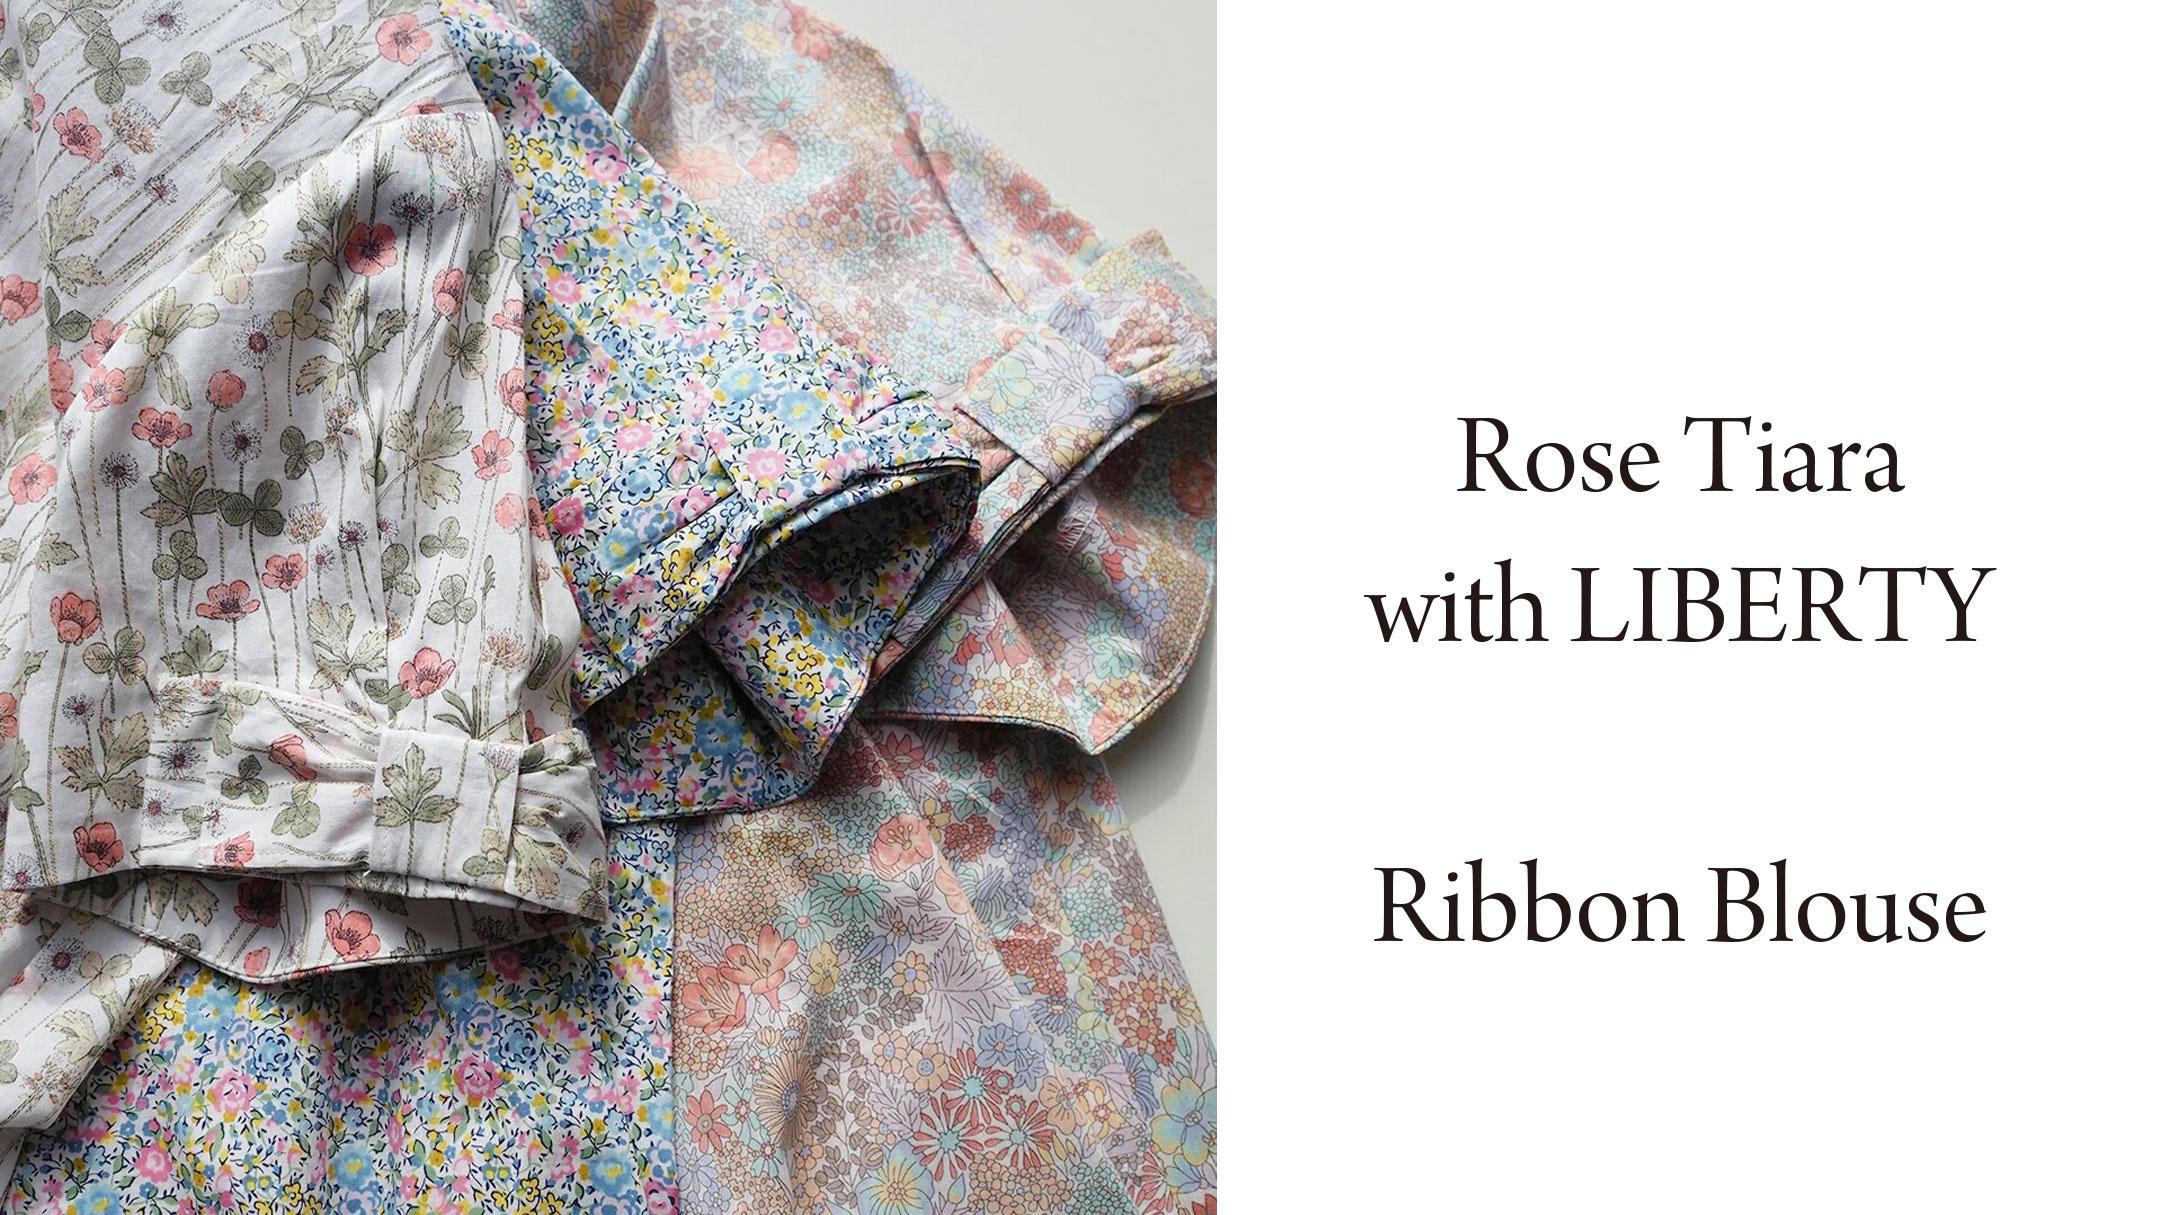 【新作】Rose Tiara with LIBERTYブラウス 2